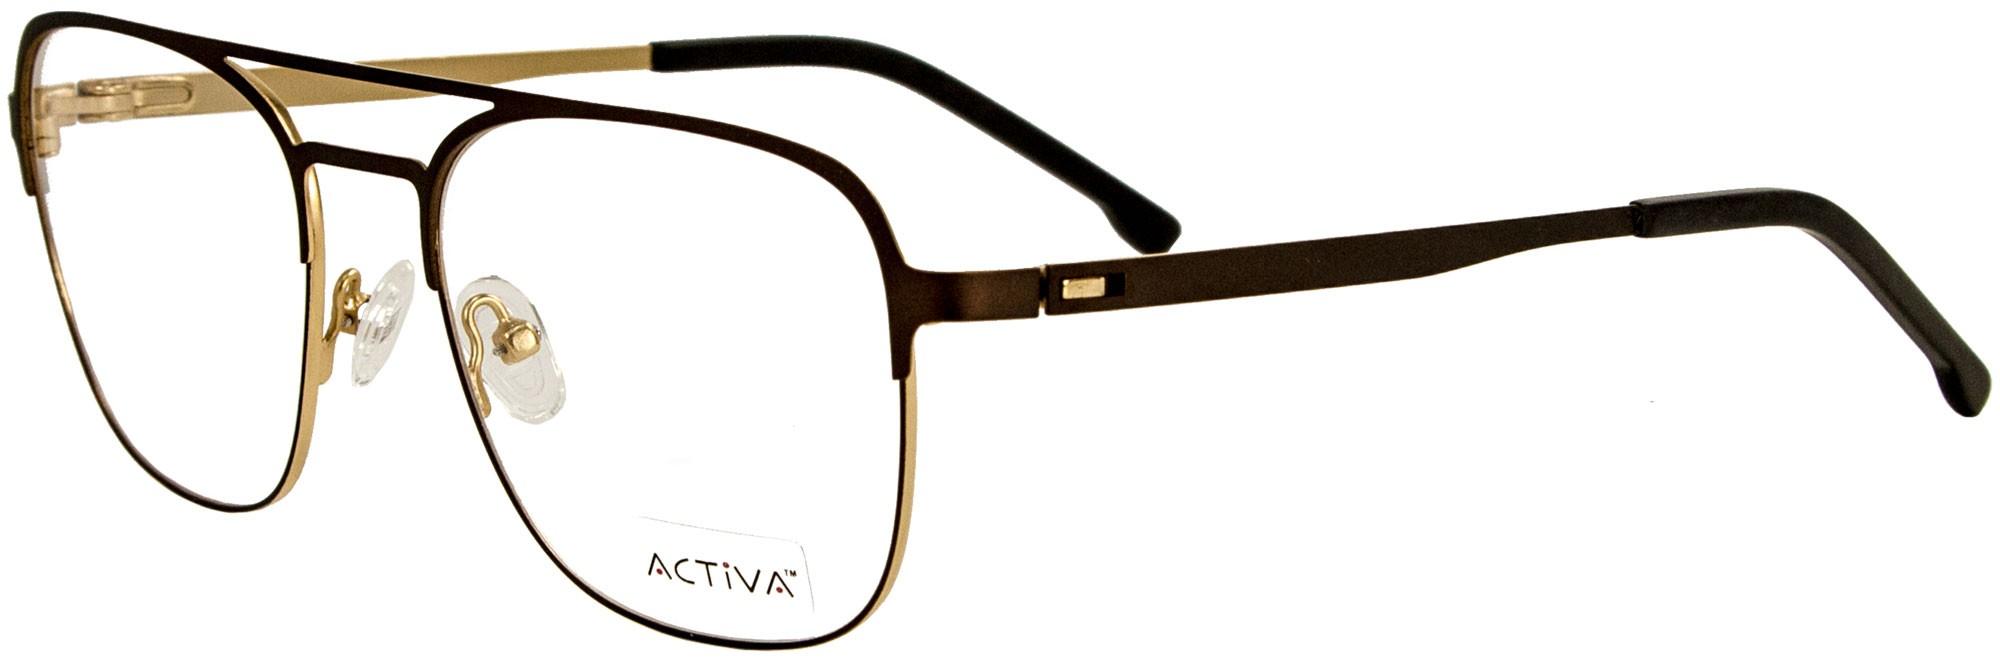 Activa 9546 C1 2